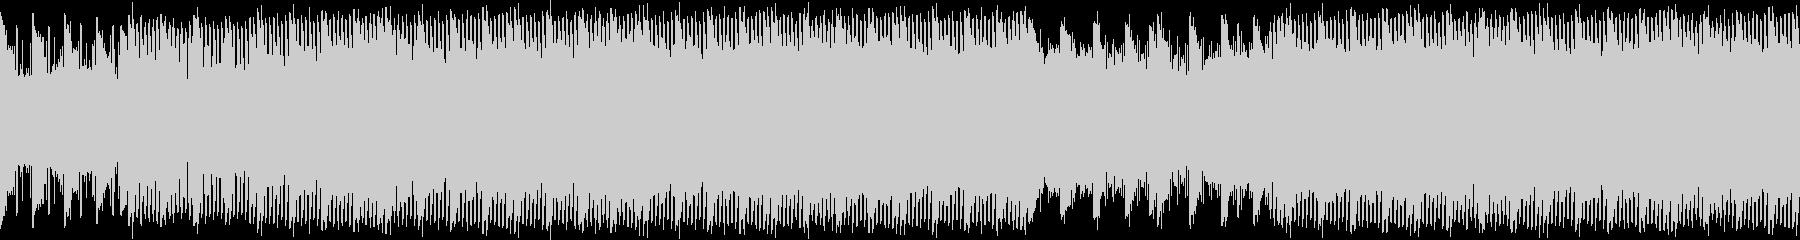 アルペジオが印象的なインストの未再生の波形